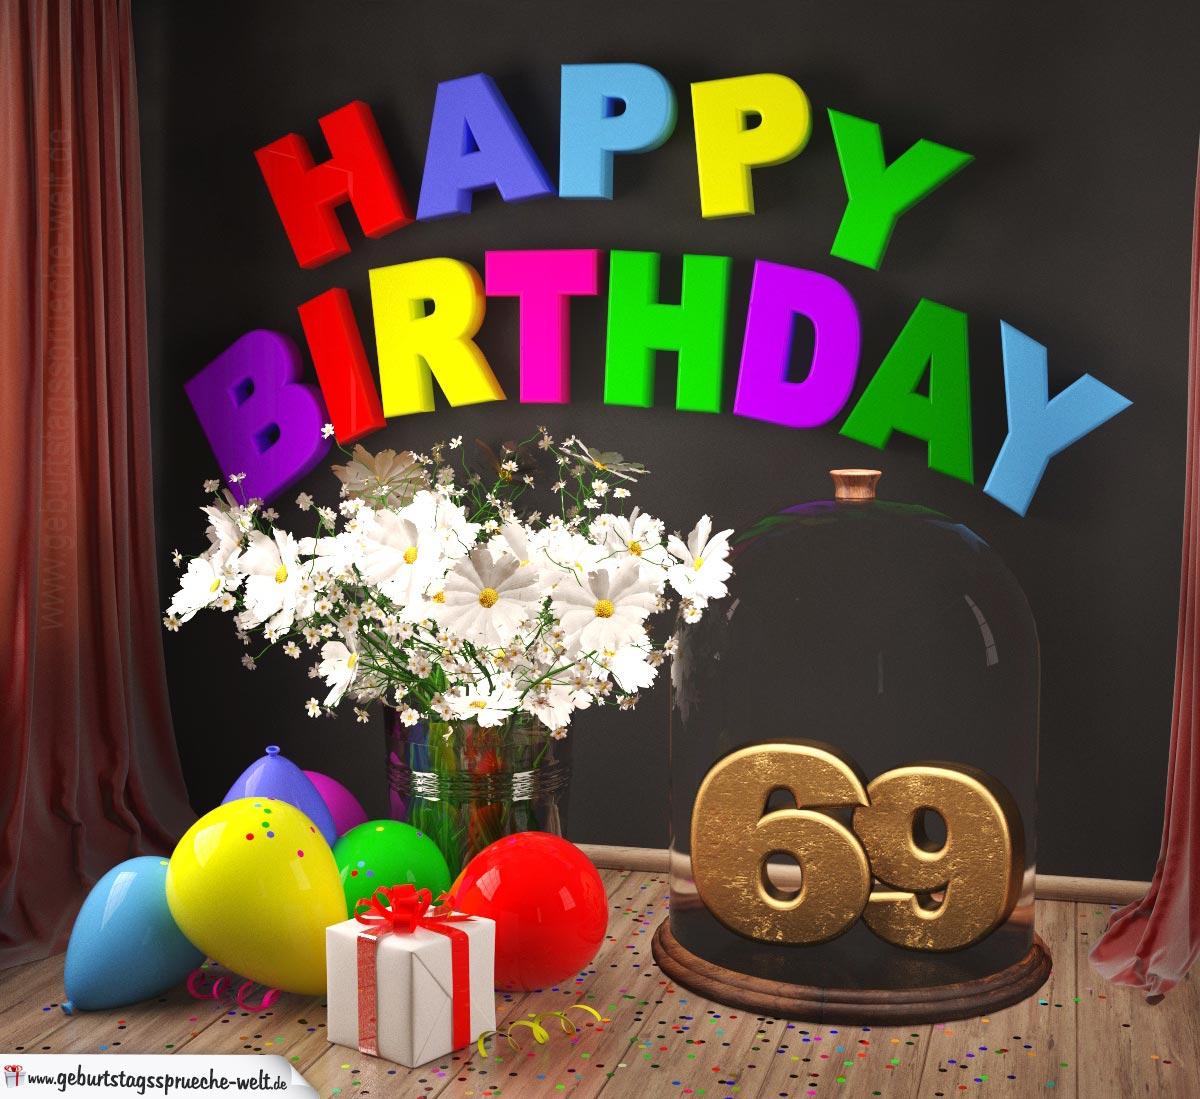 Happy Birthday 69 Jahre Glückwunschkarte mit Margeriten-Blumenstrauß, Luftballons und Geschenk unter Glasglocke